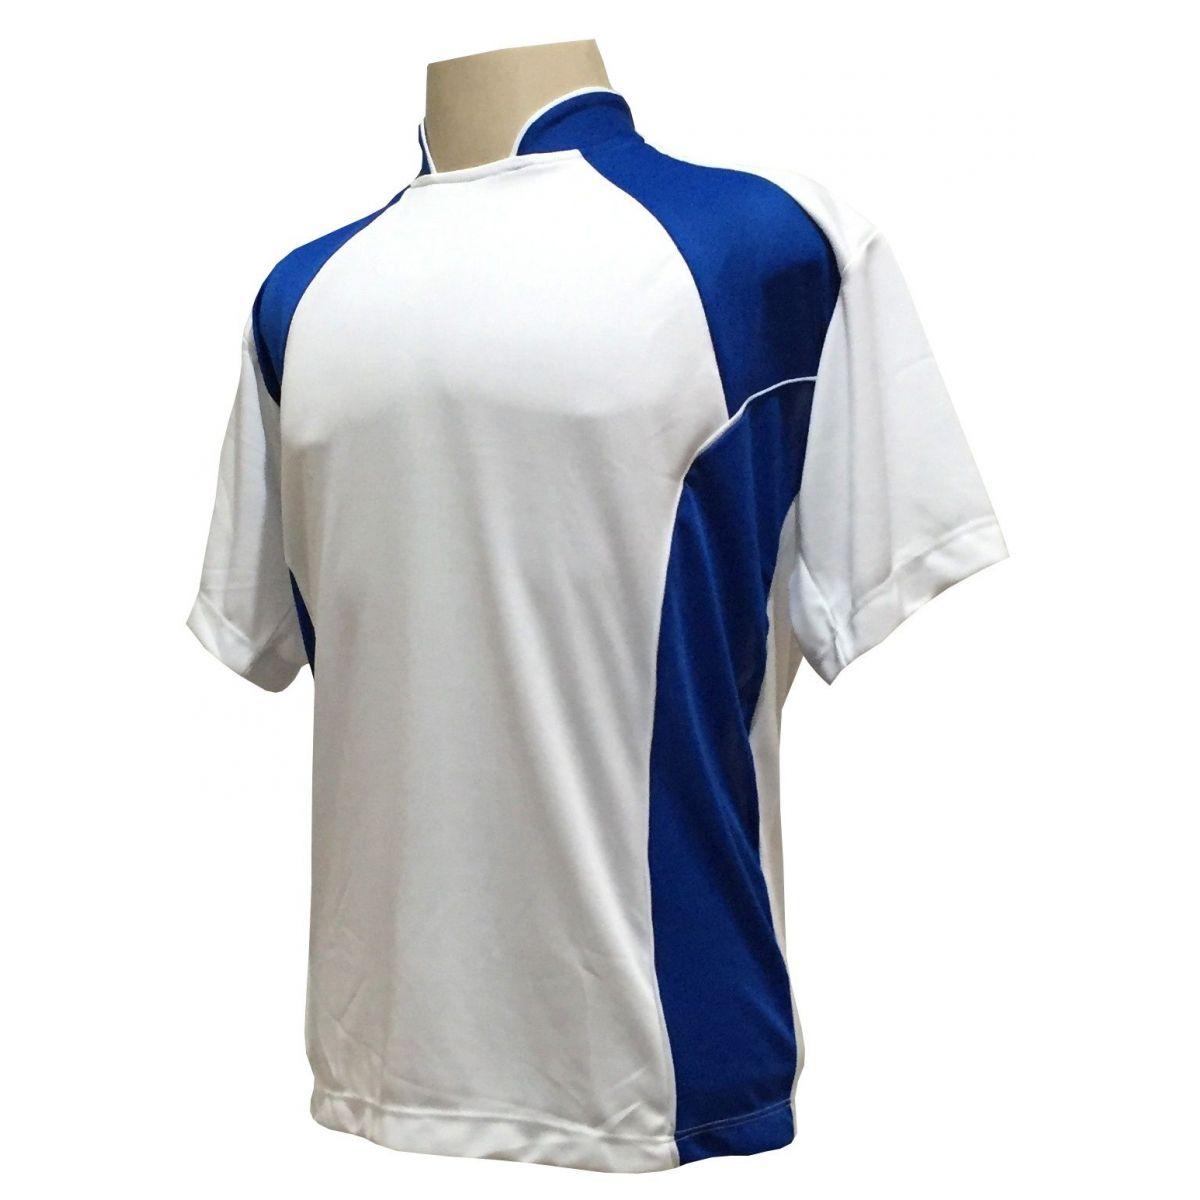 Uniforme Esportivo Completo modelo Suécia 14+1 (14 camisas Branco/Royal + 14 calções Madrid Royal + 14 pares de meiões Royal + 1 conjunto de goleiro) + Brindes